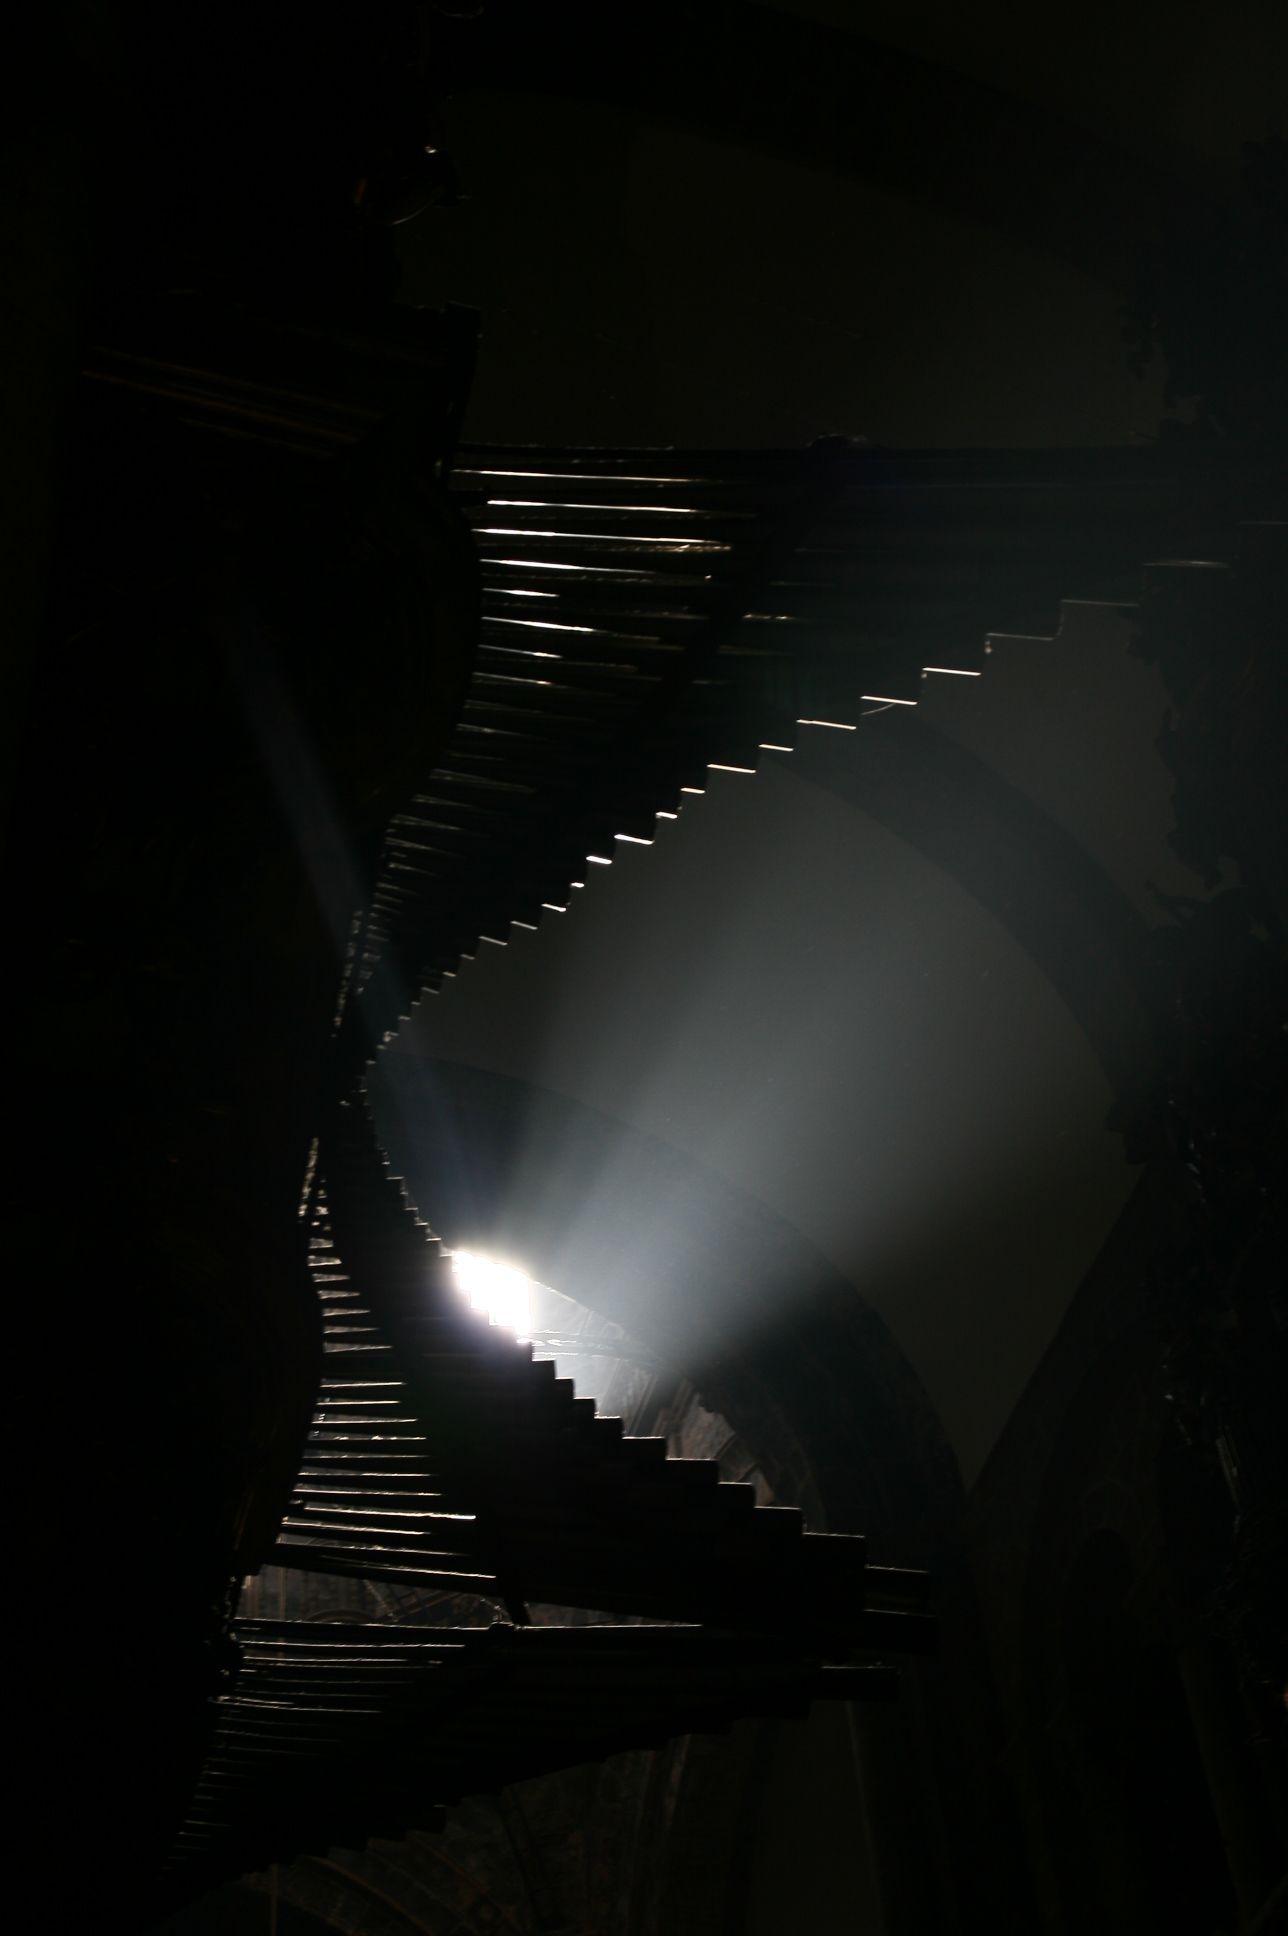 Los tubos del órgano de la Catedral de Santiago de Compostela. Organ pipes at Santiago de Compostela.